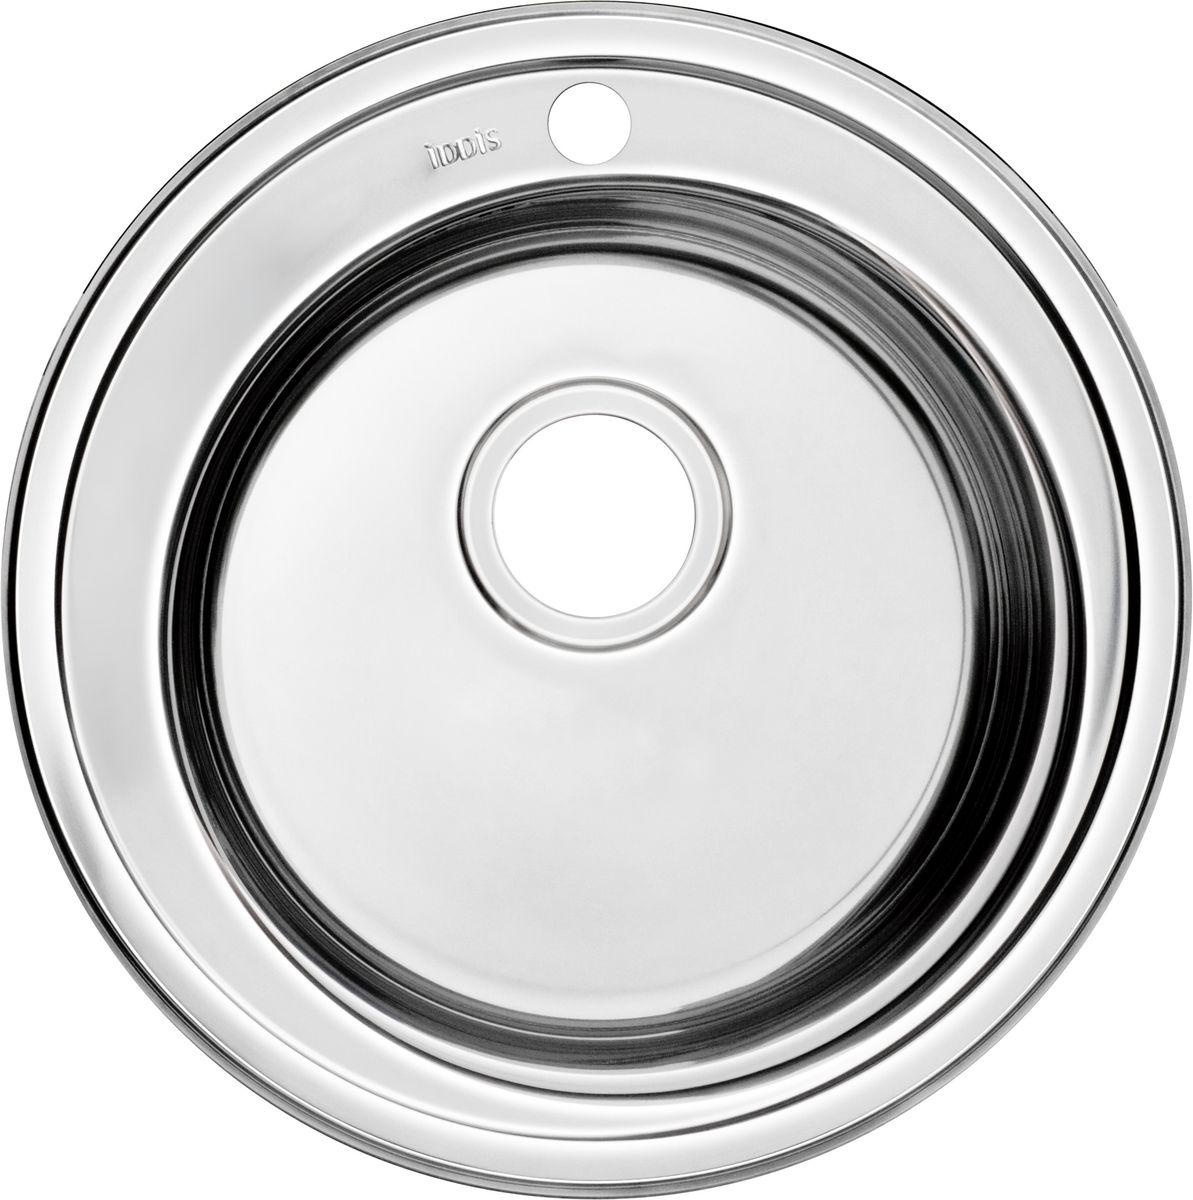 Мойка Iddis Suno, диаметр 50,5 см. SUN50S0i77SUN50S0i77Корпус мойки Iddis Suno выполнен из специальной нержавеющей стали марки 304 с содержанием хрома 18%, и никеля 10%. Это гарантирует устойчивость к воздействию химических веществ, появлению пятен и коррозии. Толщина стали в мойке 0,8 мм. Специальное дополнительное антишумовое покрытие Silenon, нанесенное на обратную сторону чаш, разработано для снижения шума воды в мойке.Конструкция краев мойки, крепления и специальная уплотнительная прокладка обеспечивает максимально плотное прилегание к столешнице и защищает от протекания. Мойка из нержавеющей стали Iddis имеет изготовленное на заводе отверстие под смеситель, что делает ее полностью готовой к установке. Наличие шаблона для выреза отверстия в столешнице для каждой модели облегчает процесс установки моек Iddis.Гарантия на мойки из нержавеющей стали Iddis составляет 15 лет.Глубина чаши: 180 мм, диаметр чаши: 385 мм.